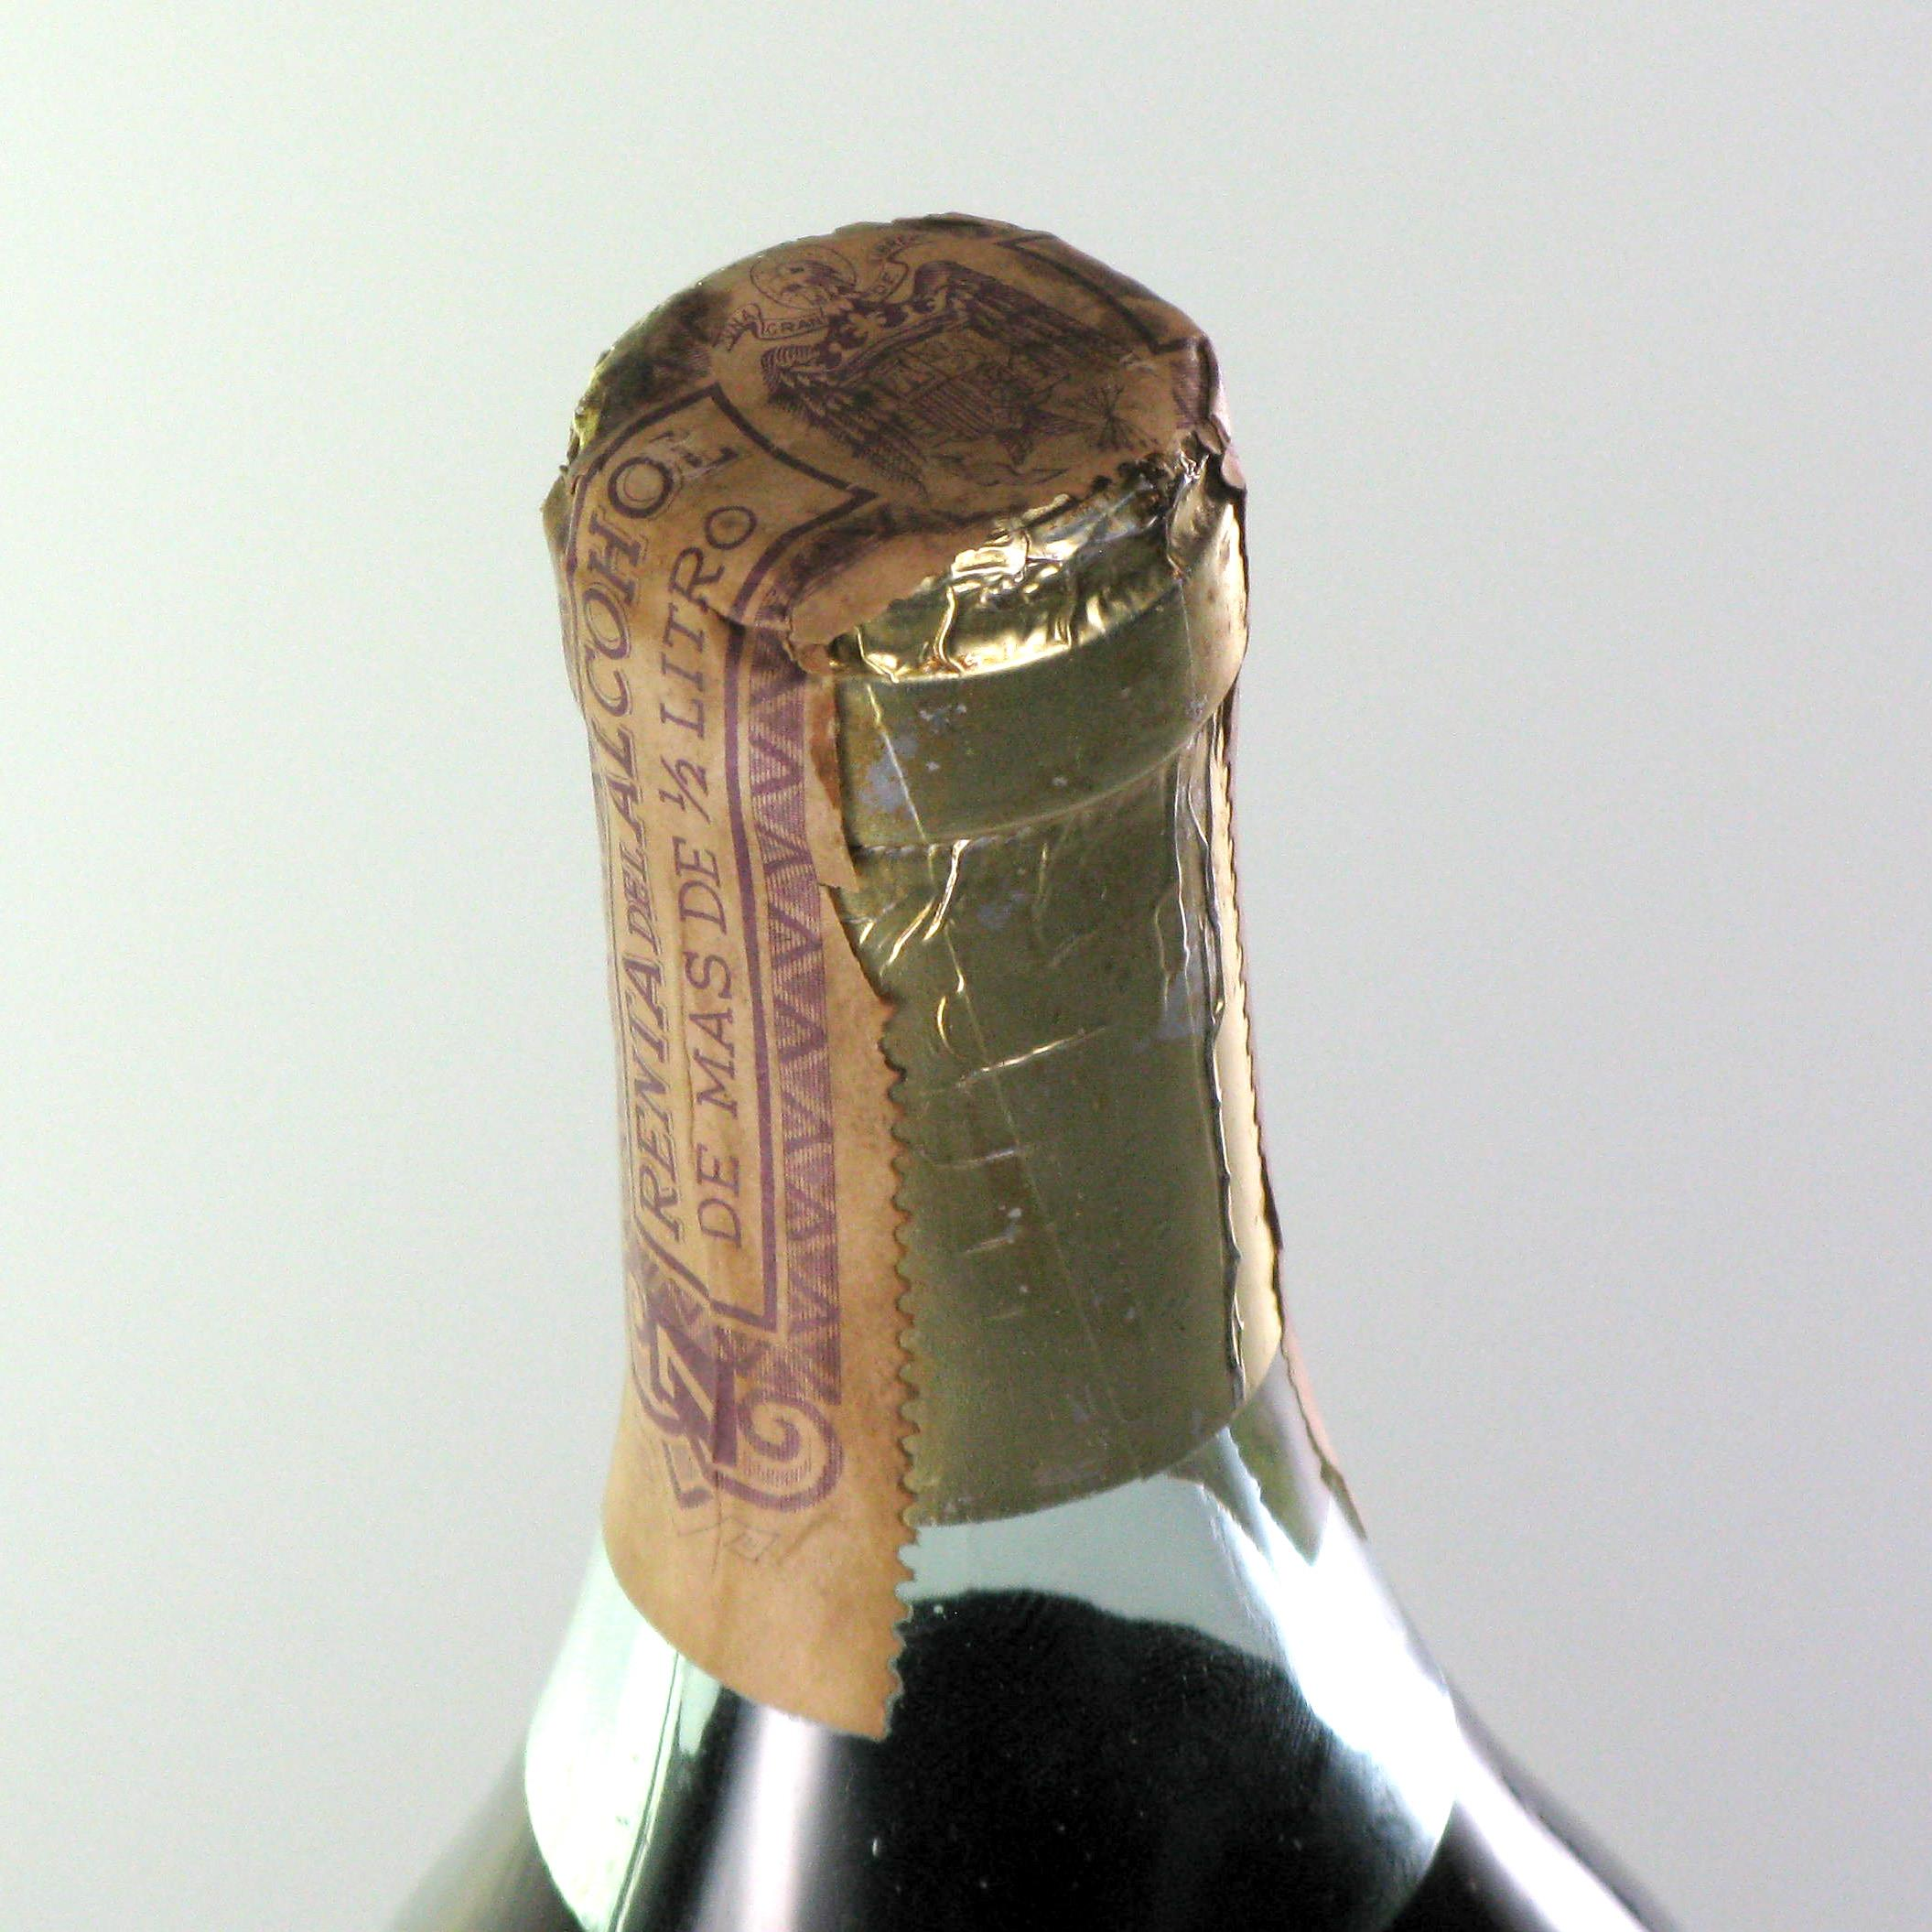 Cognac 1848 Eschenauer & Co